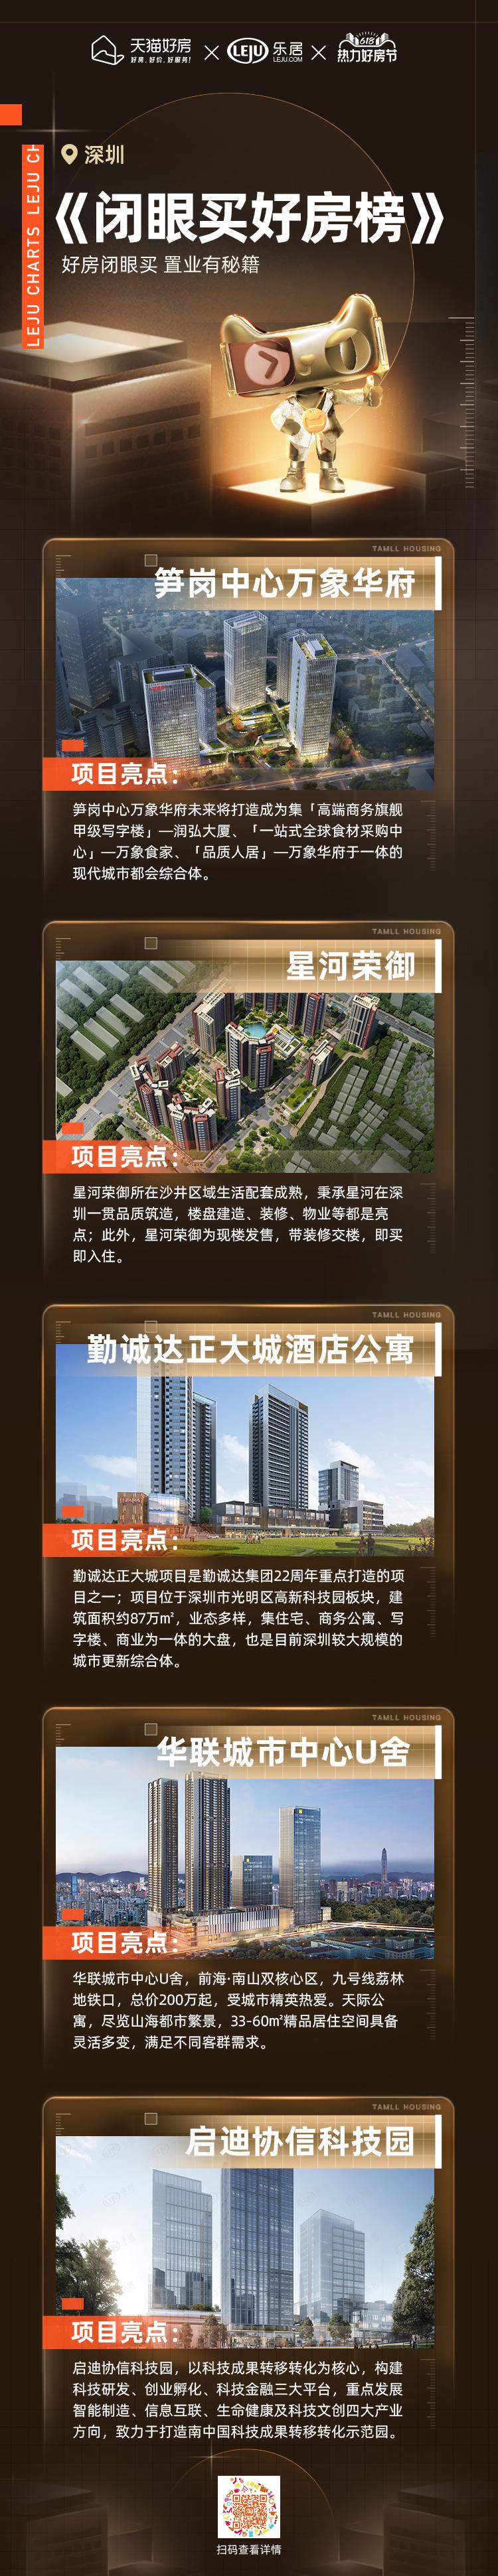 深圳优选好房榜单